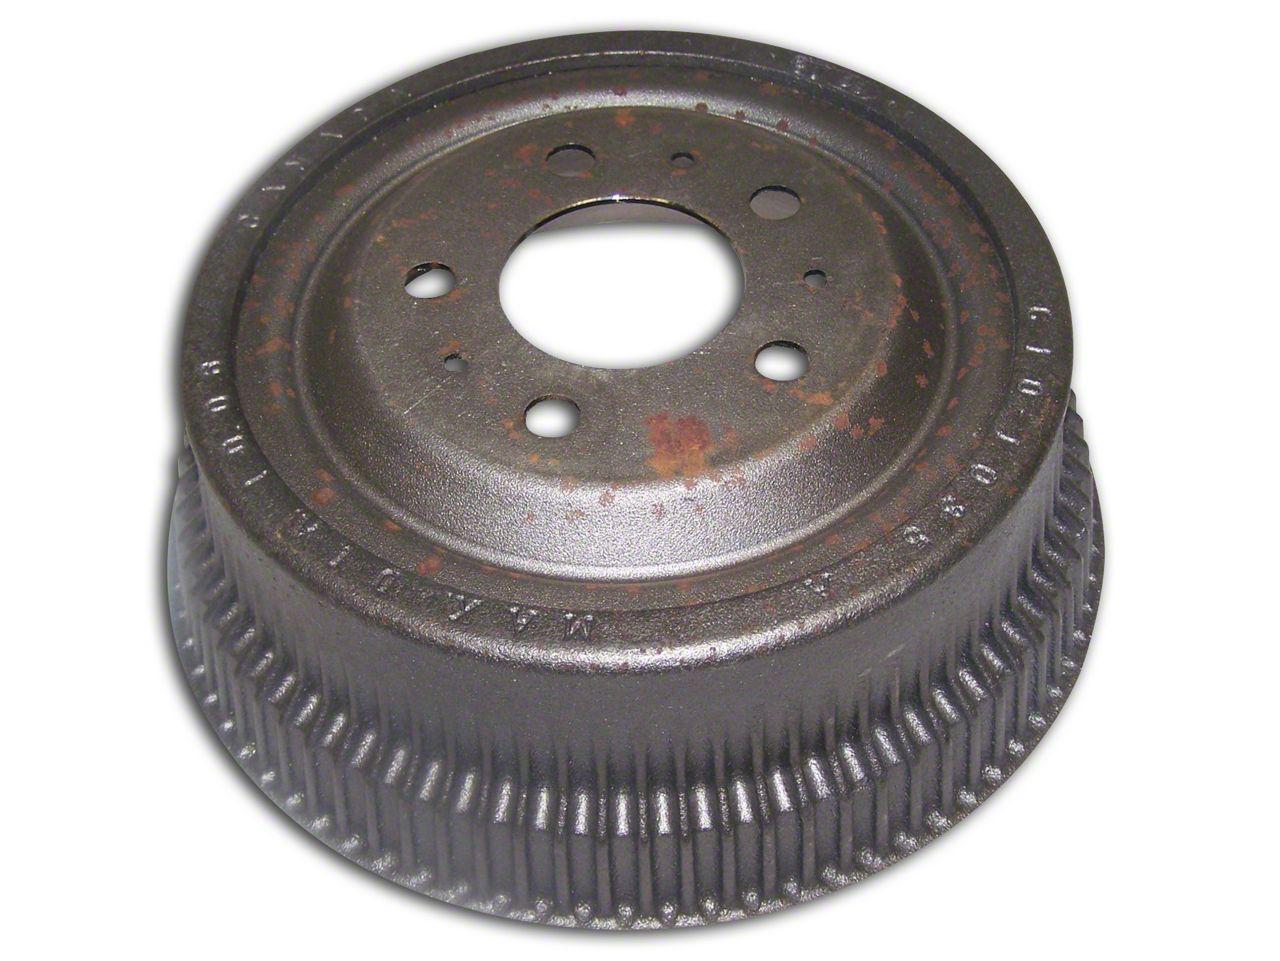 Rear Brake Drum - 10 x 2-1/2 in. (87-95 Jeep Wrangler YJ)